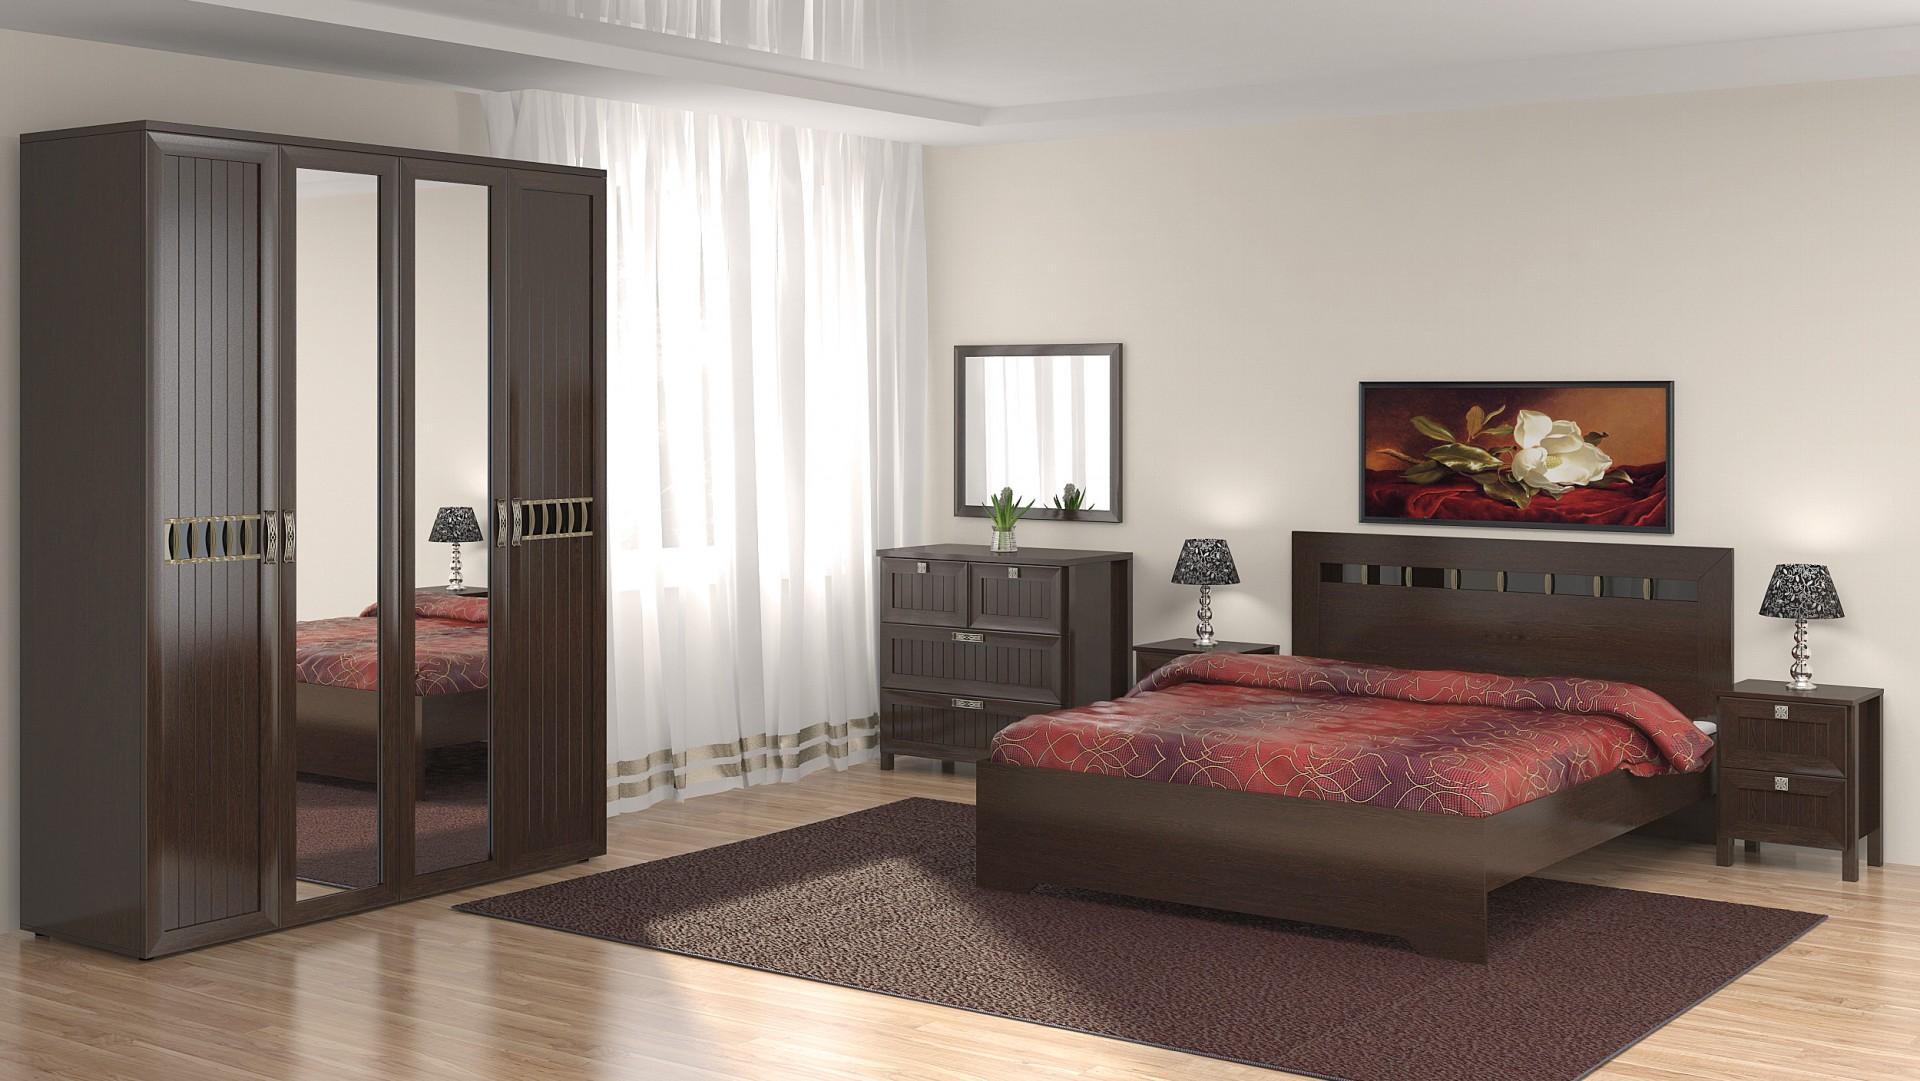 Мебель венге для спальни